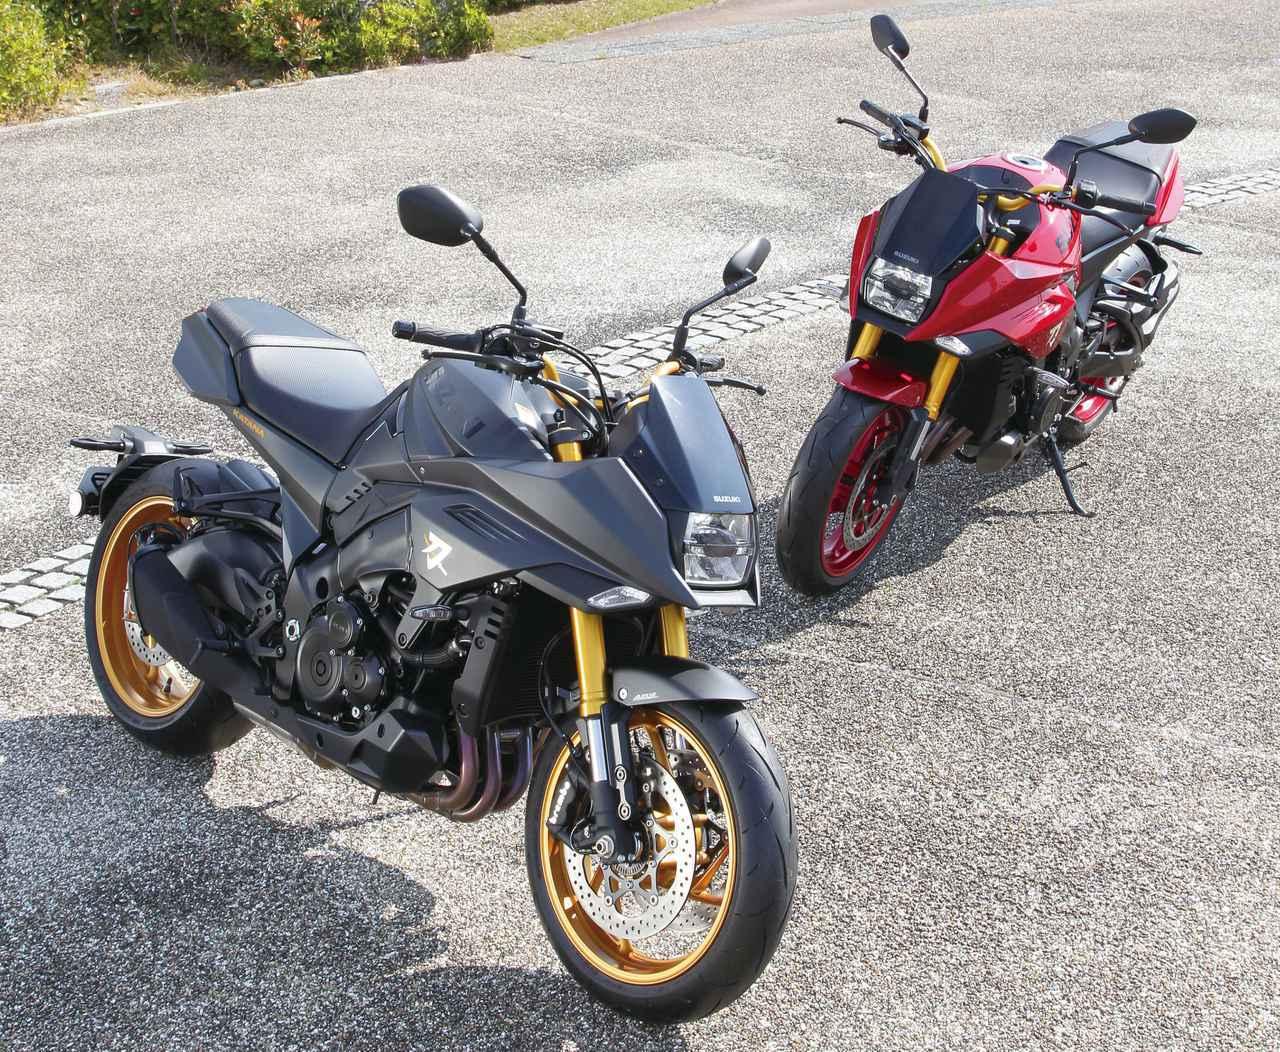 画像: あなたはどっち派? スズキ「KATANA」の特別色〈ブラック〉〈レッド〉を特撮! 市販車カラーとのちがいを詳細解説 - webオートバイ